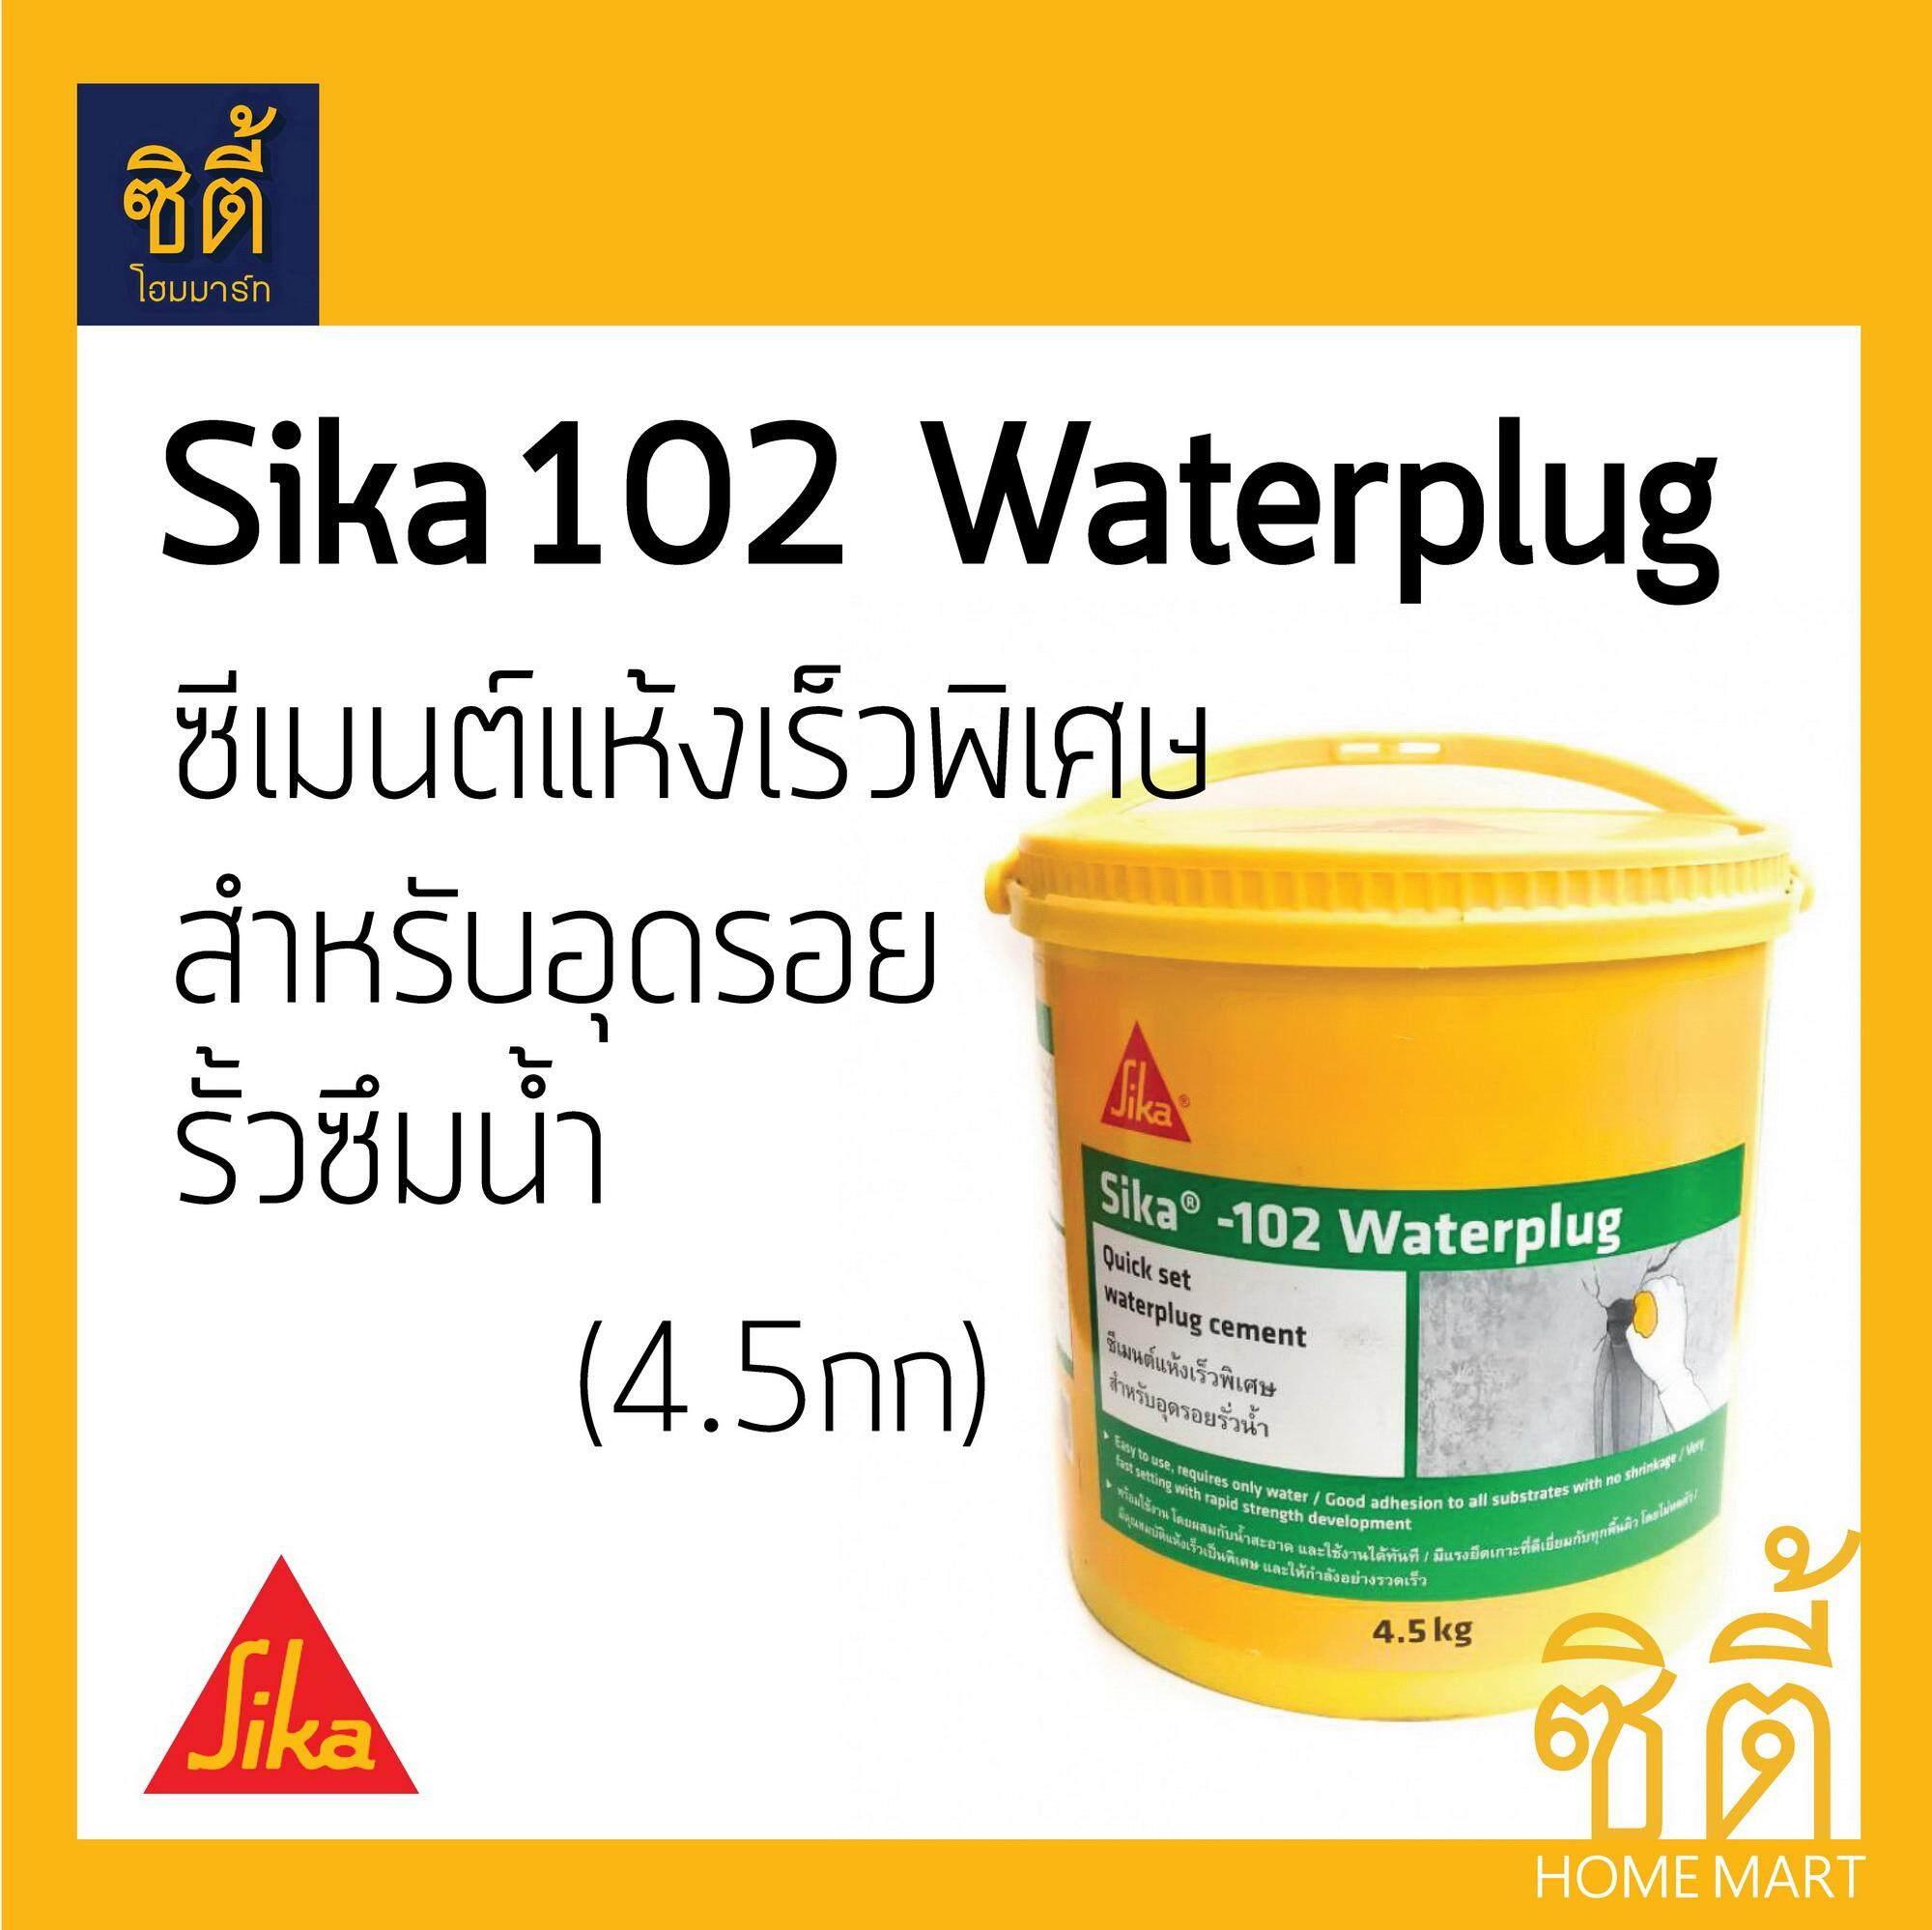 Sika 102 Waterplug (4.5กก.) ซีเมนต์แห้งเร็ว หยุดน้ำรั่วซึม อุดรอยรั่วน้ำ ได้ทันที